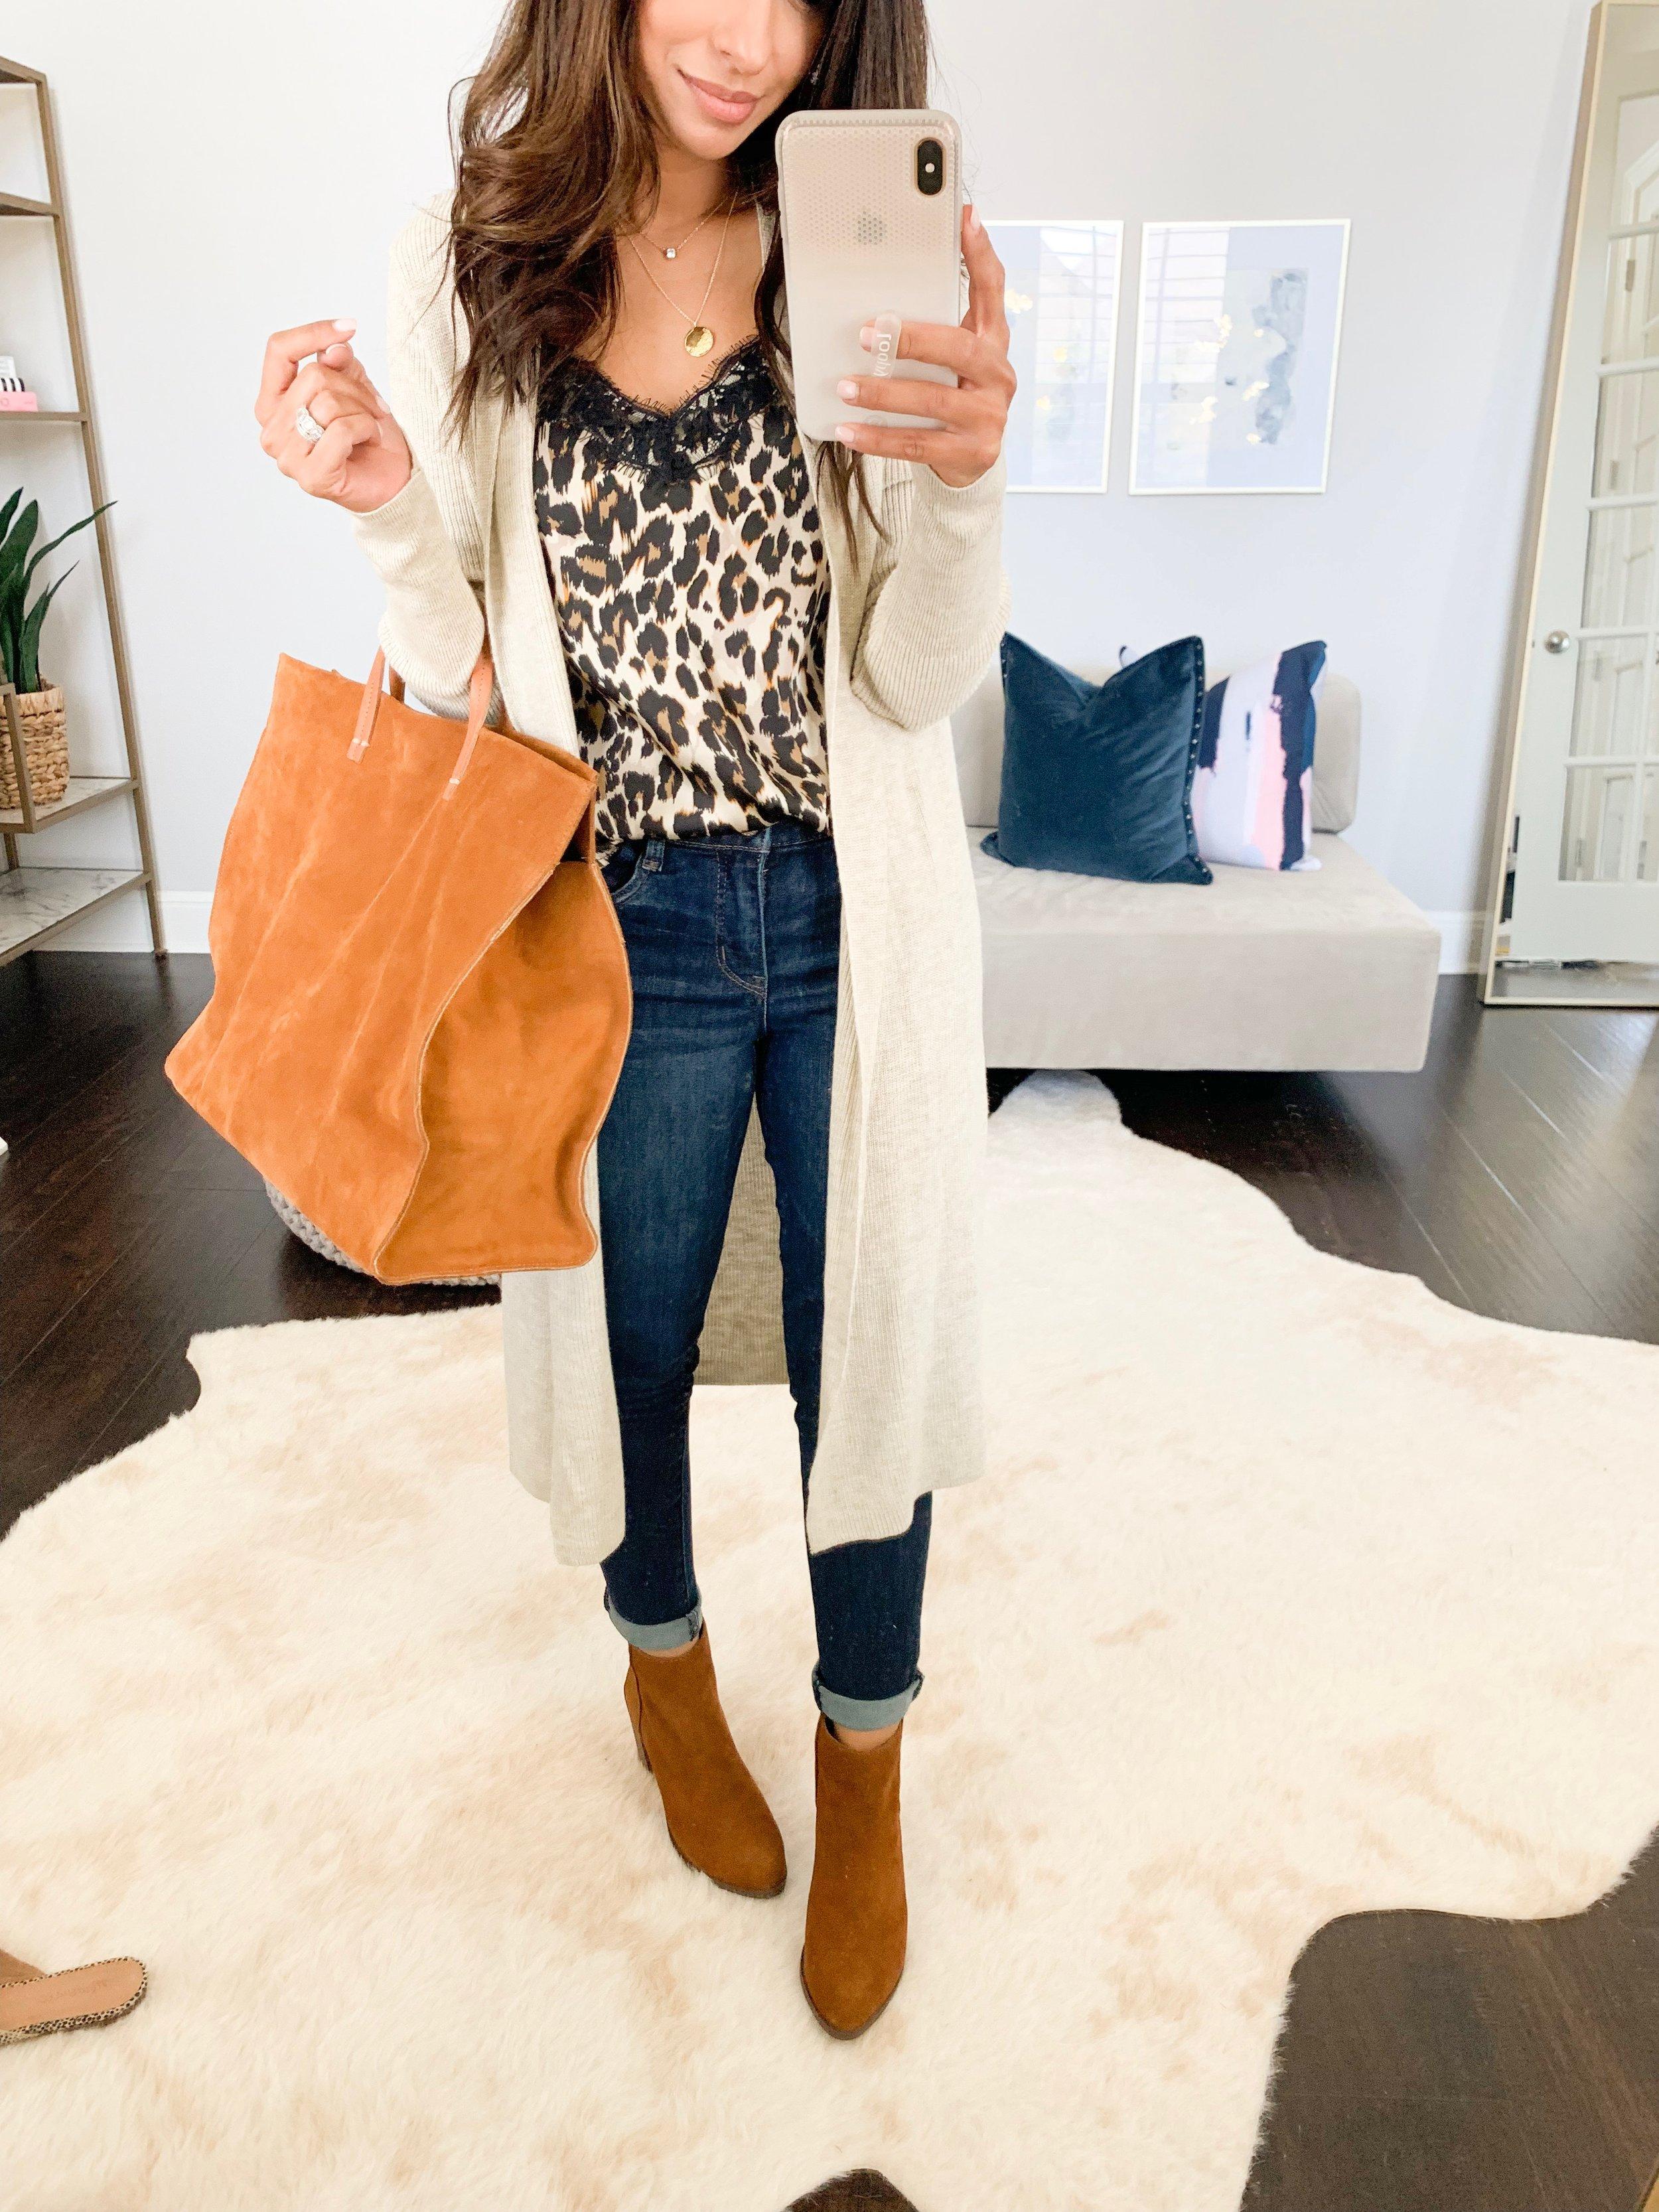 Cardigan (XXS)    //    Cami (XXS)    //    Jeans (TTS   ) //    Booties (TTS)    //    Handbag (obsessed!!)